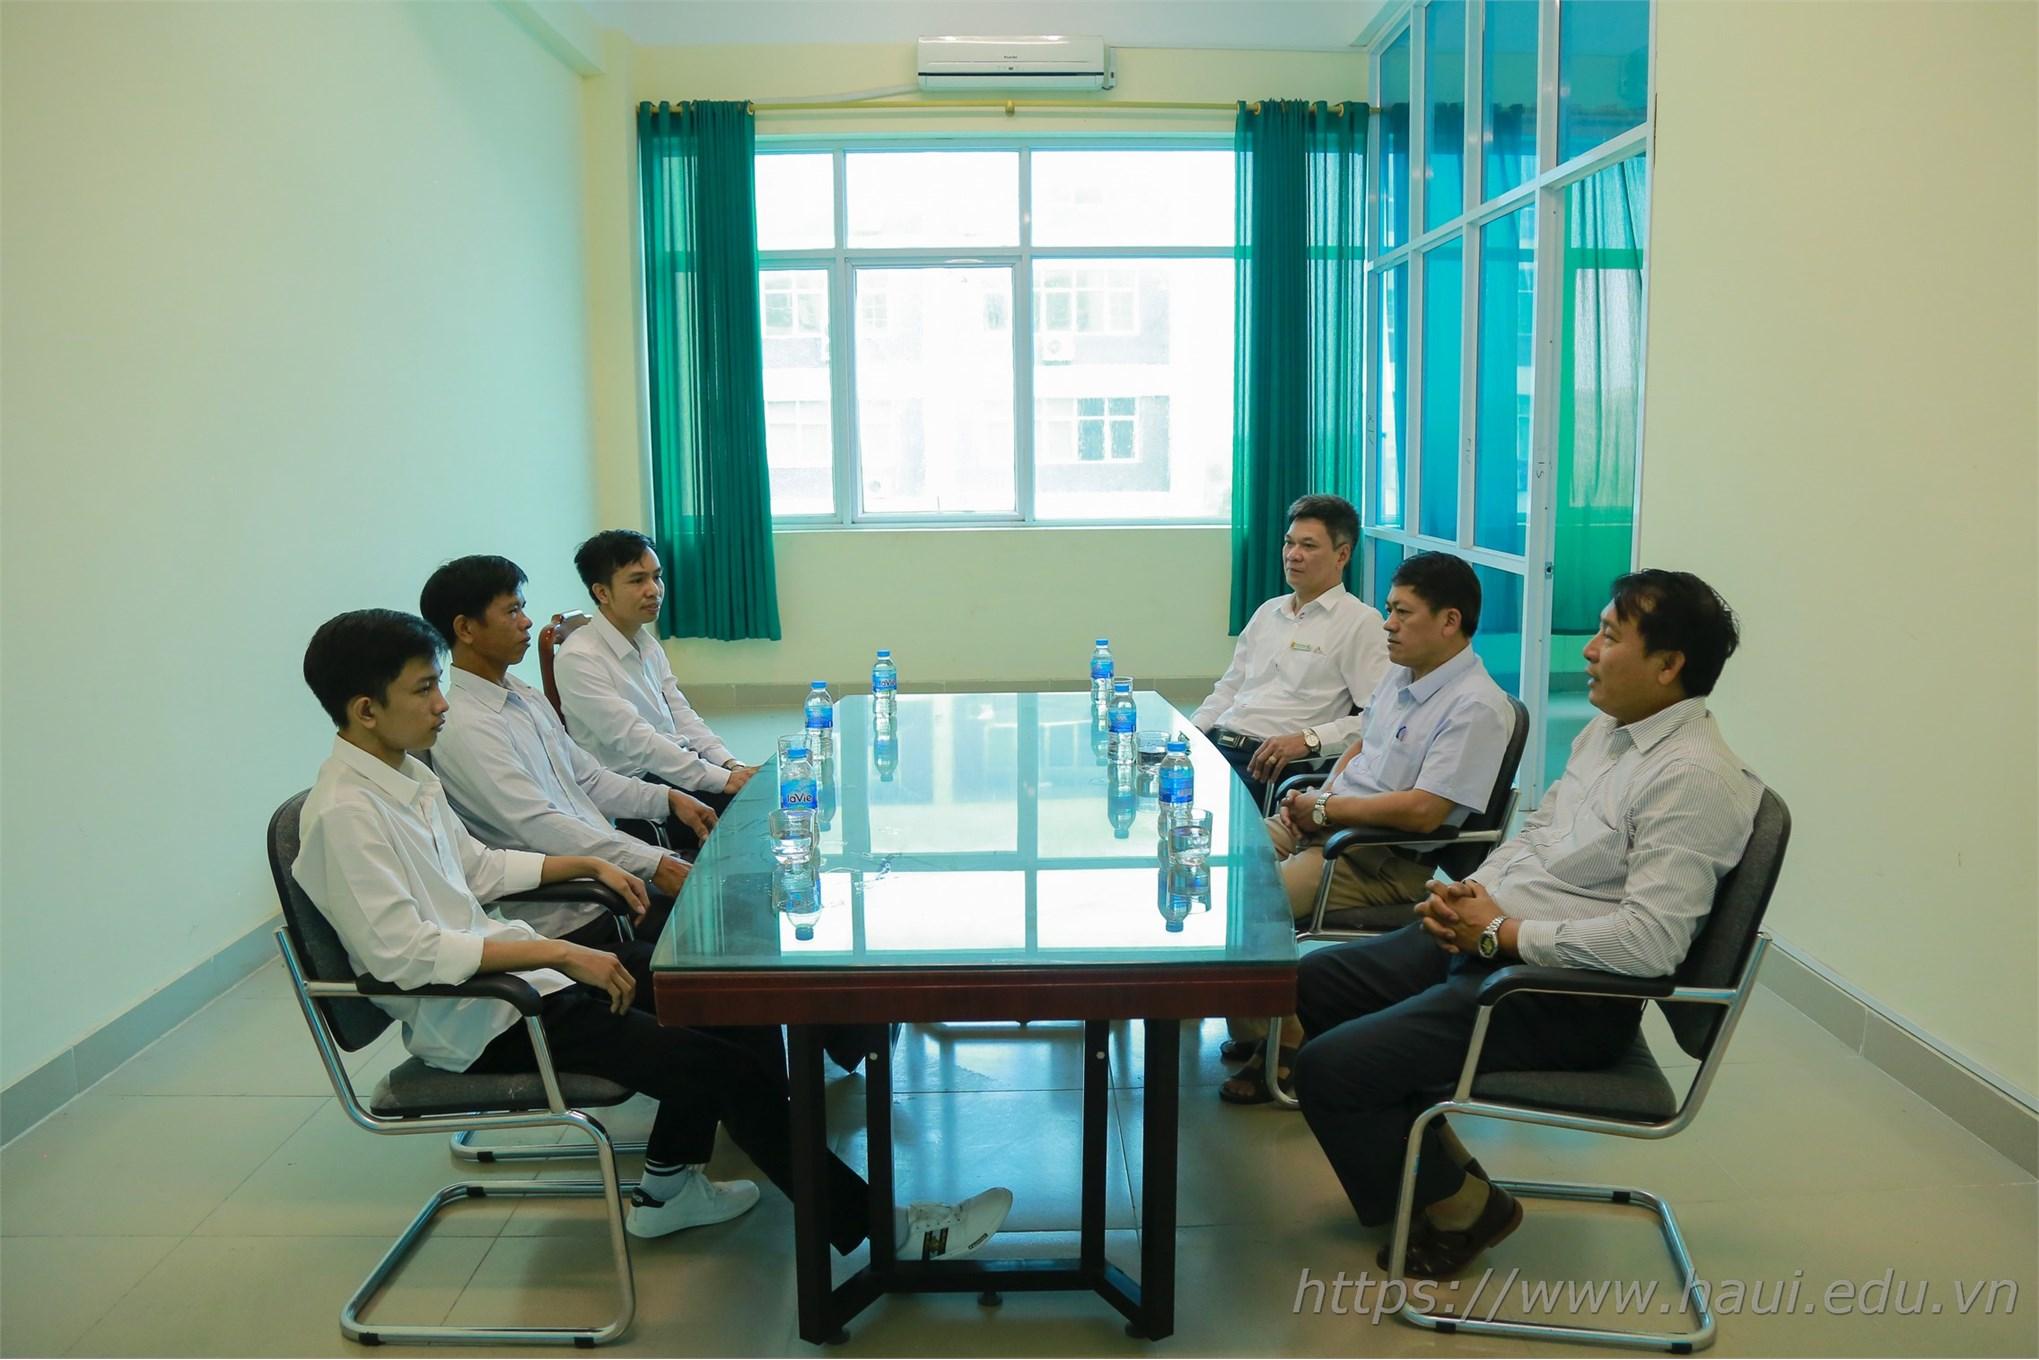 Tân thủ khoa Đại học Công nghiệp Hà Nội đạt 29,3 điểm